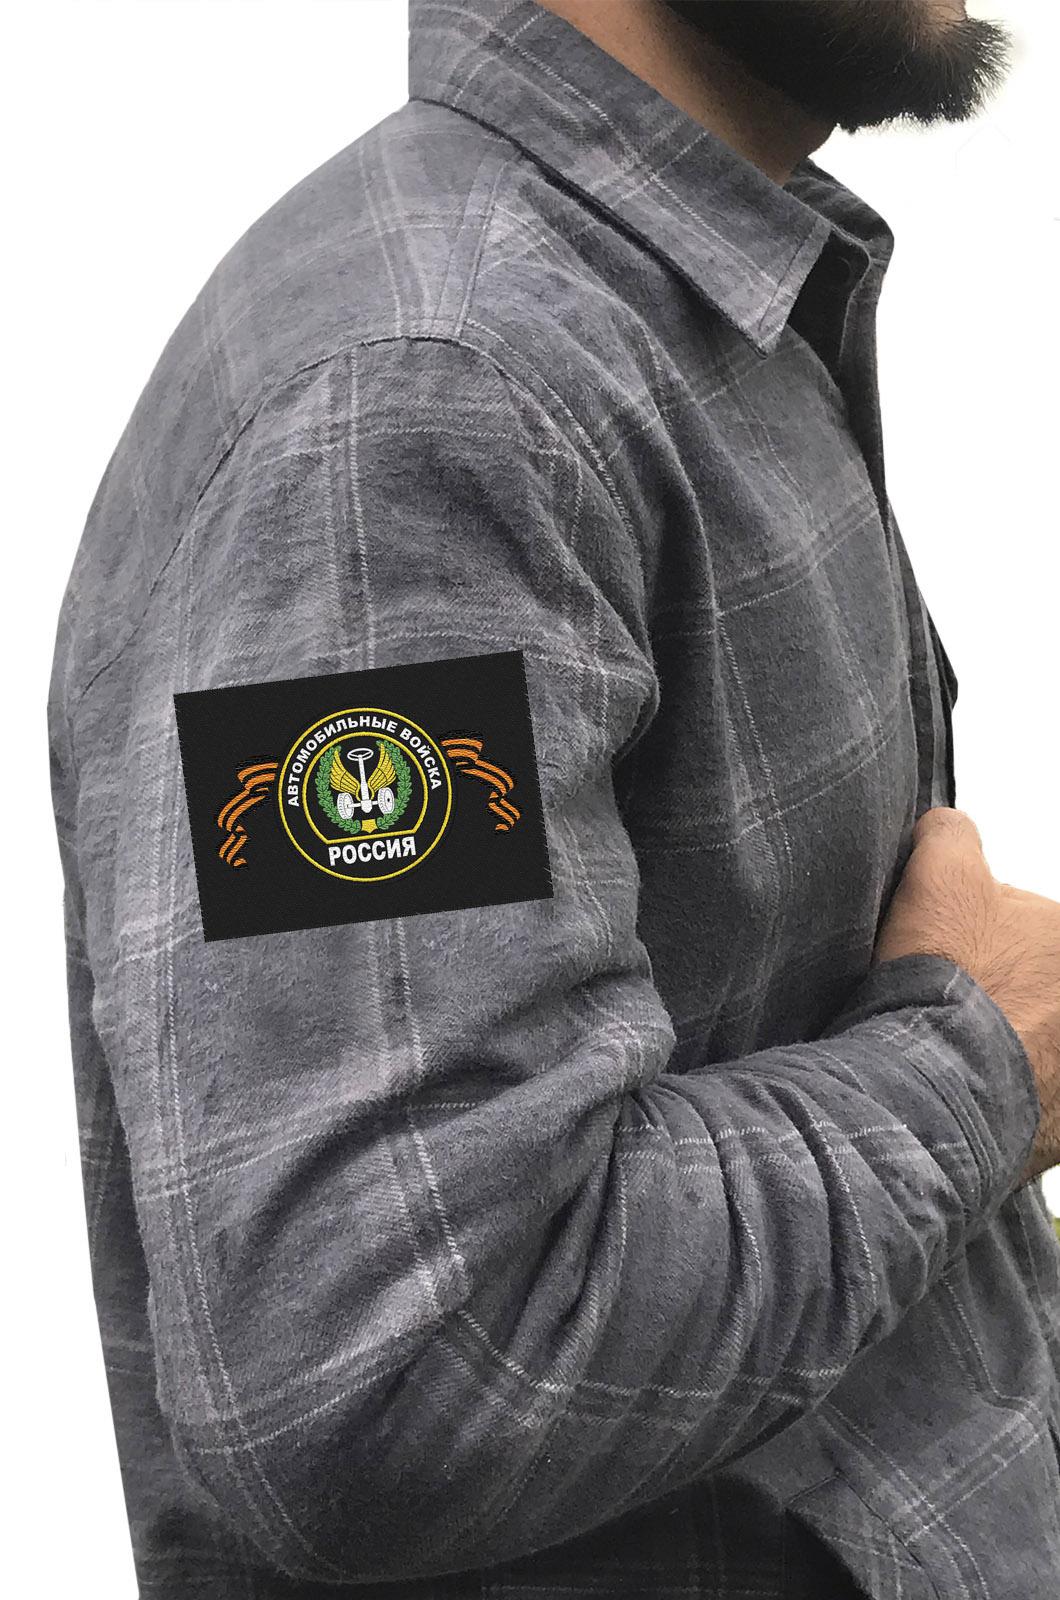 Клетчатая мужская рубашка с вышитым шевроном Автомобильные Войска - купить по низкой цене